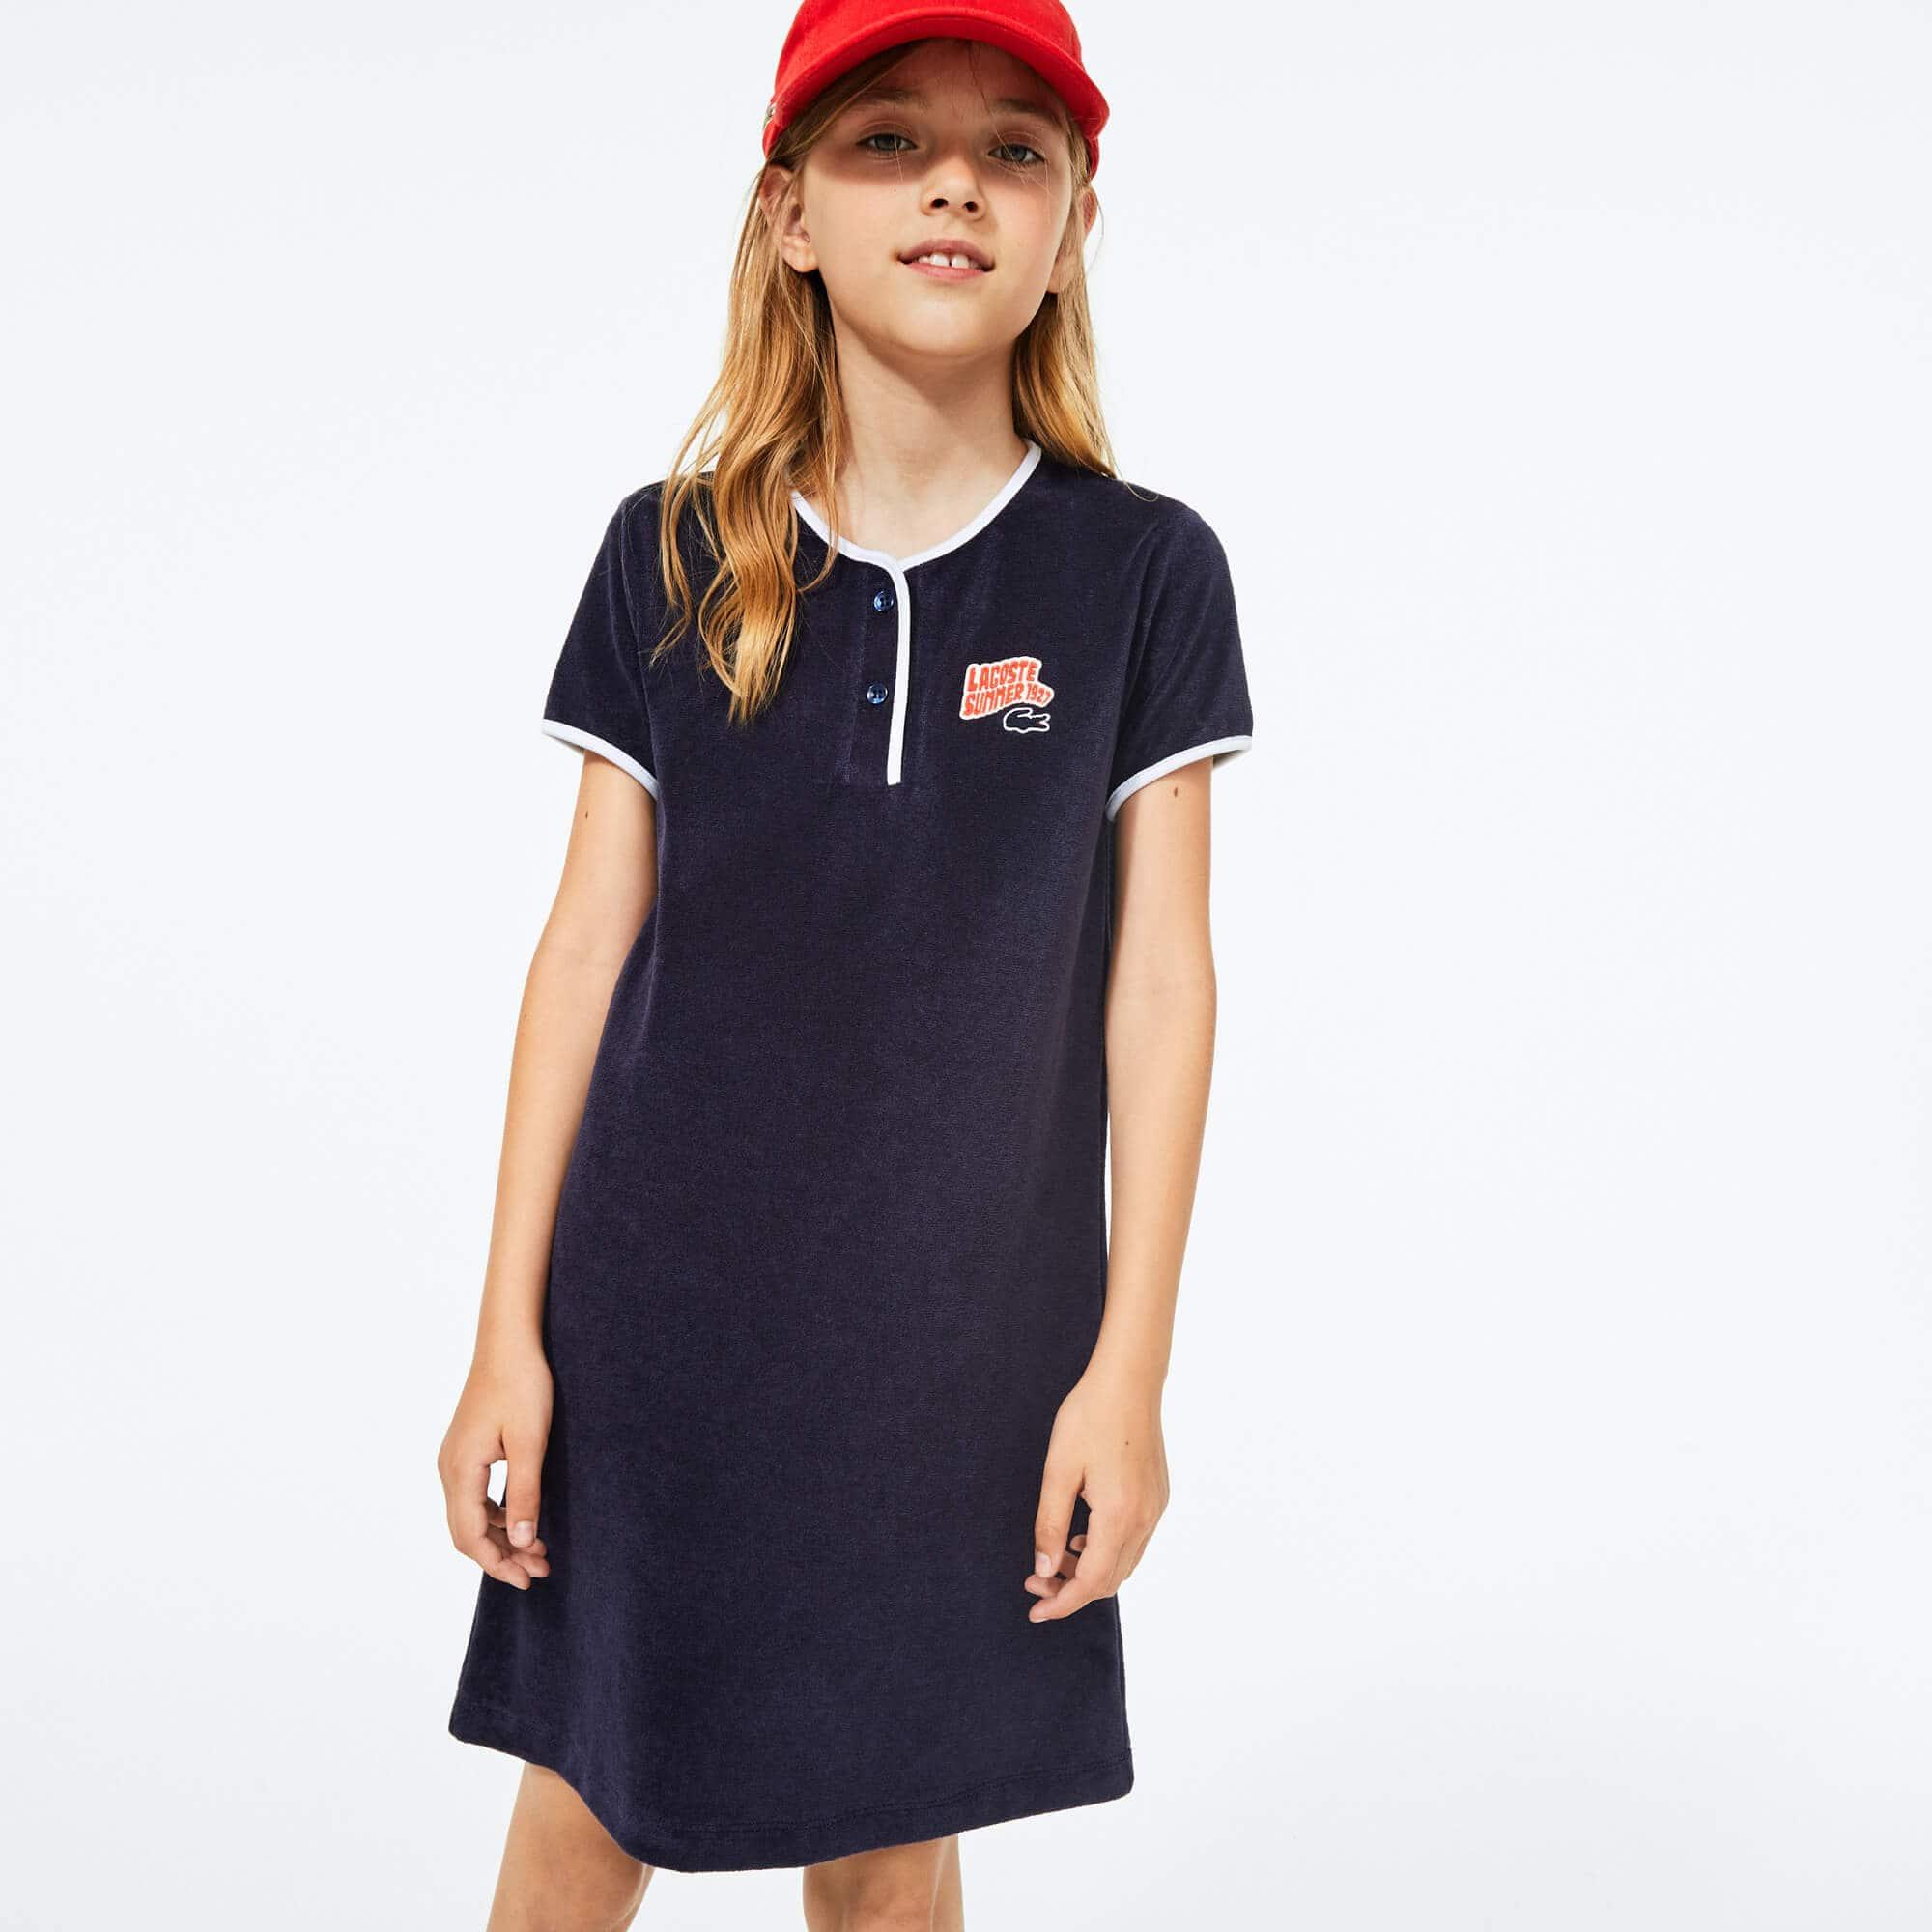 라코스테 Lacoste Girls' Heart Embroidery Henley Dress,Navy Blue / White • 525